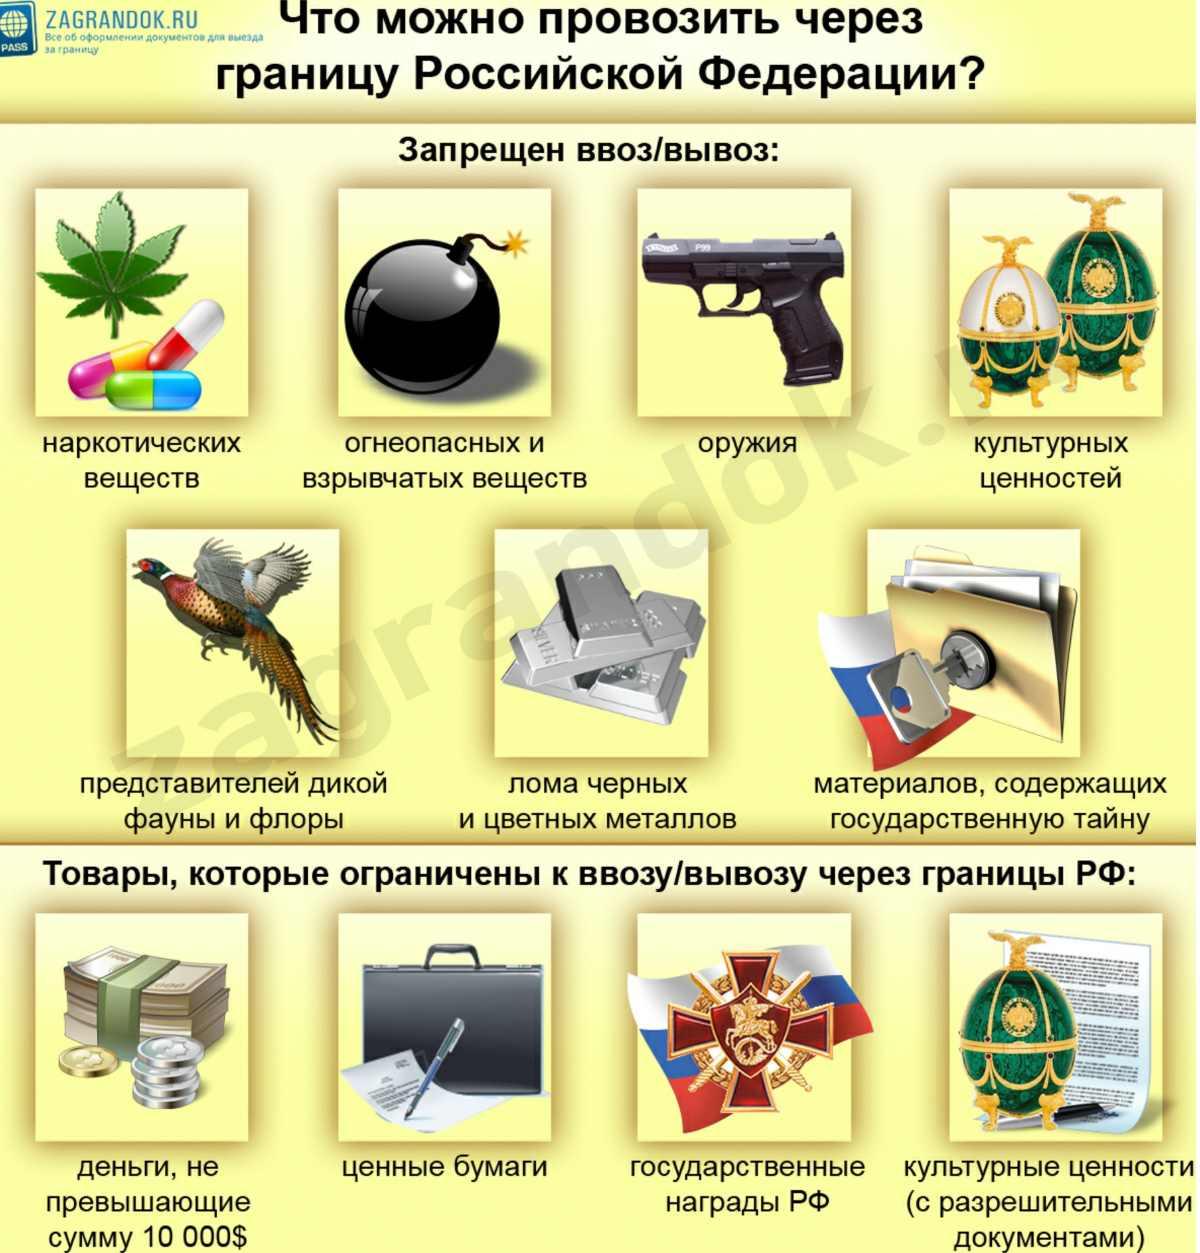 Что можно провозить через границу Российской Федерации